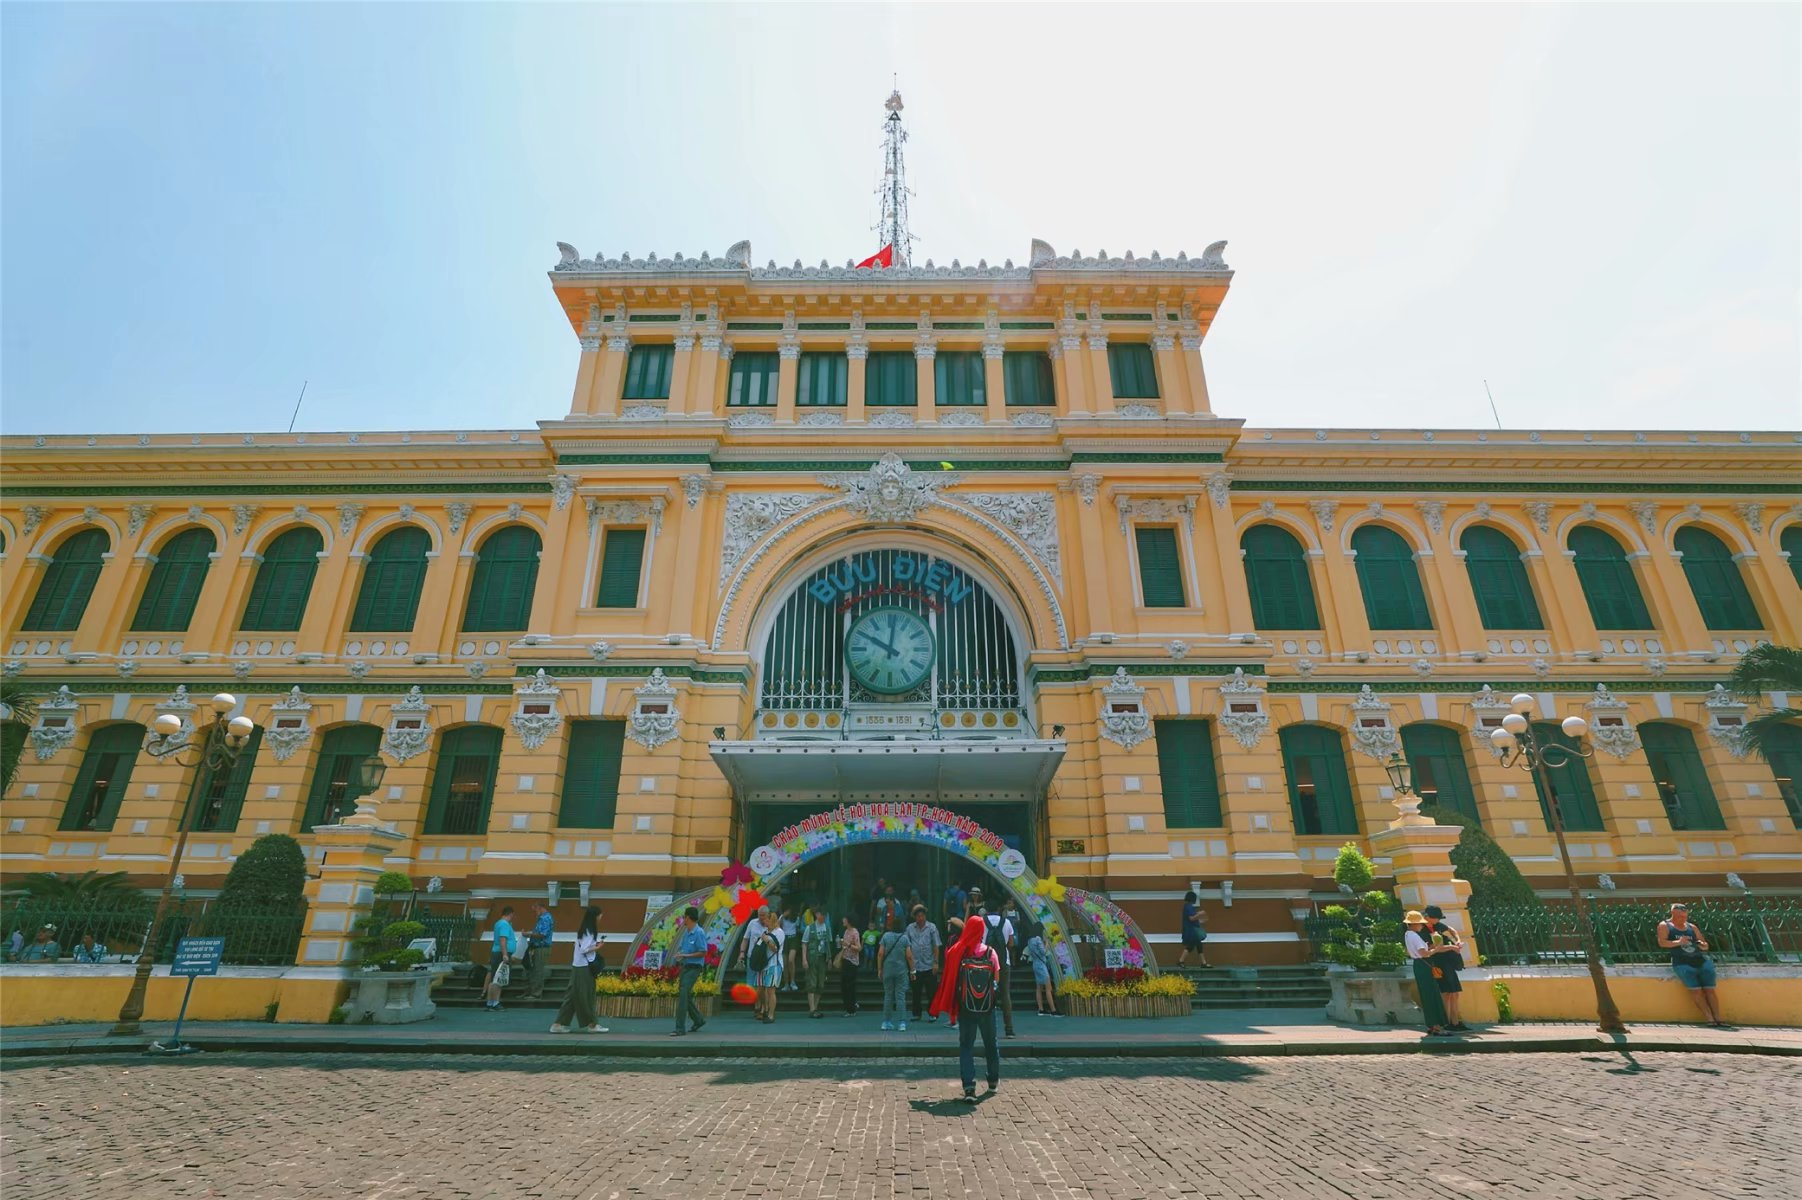 胡志明市gdp_胡志明交易所的市值超过2870万亿越南盾,占GDP的57%